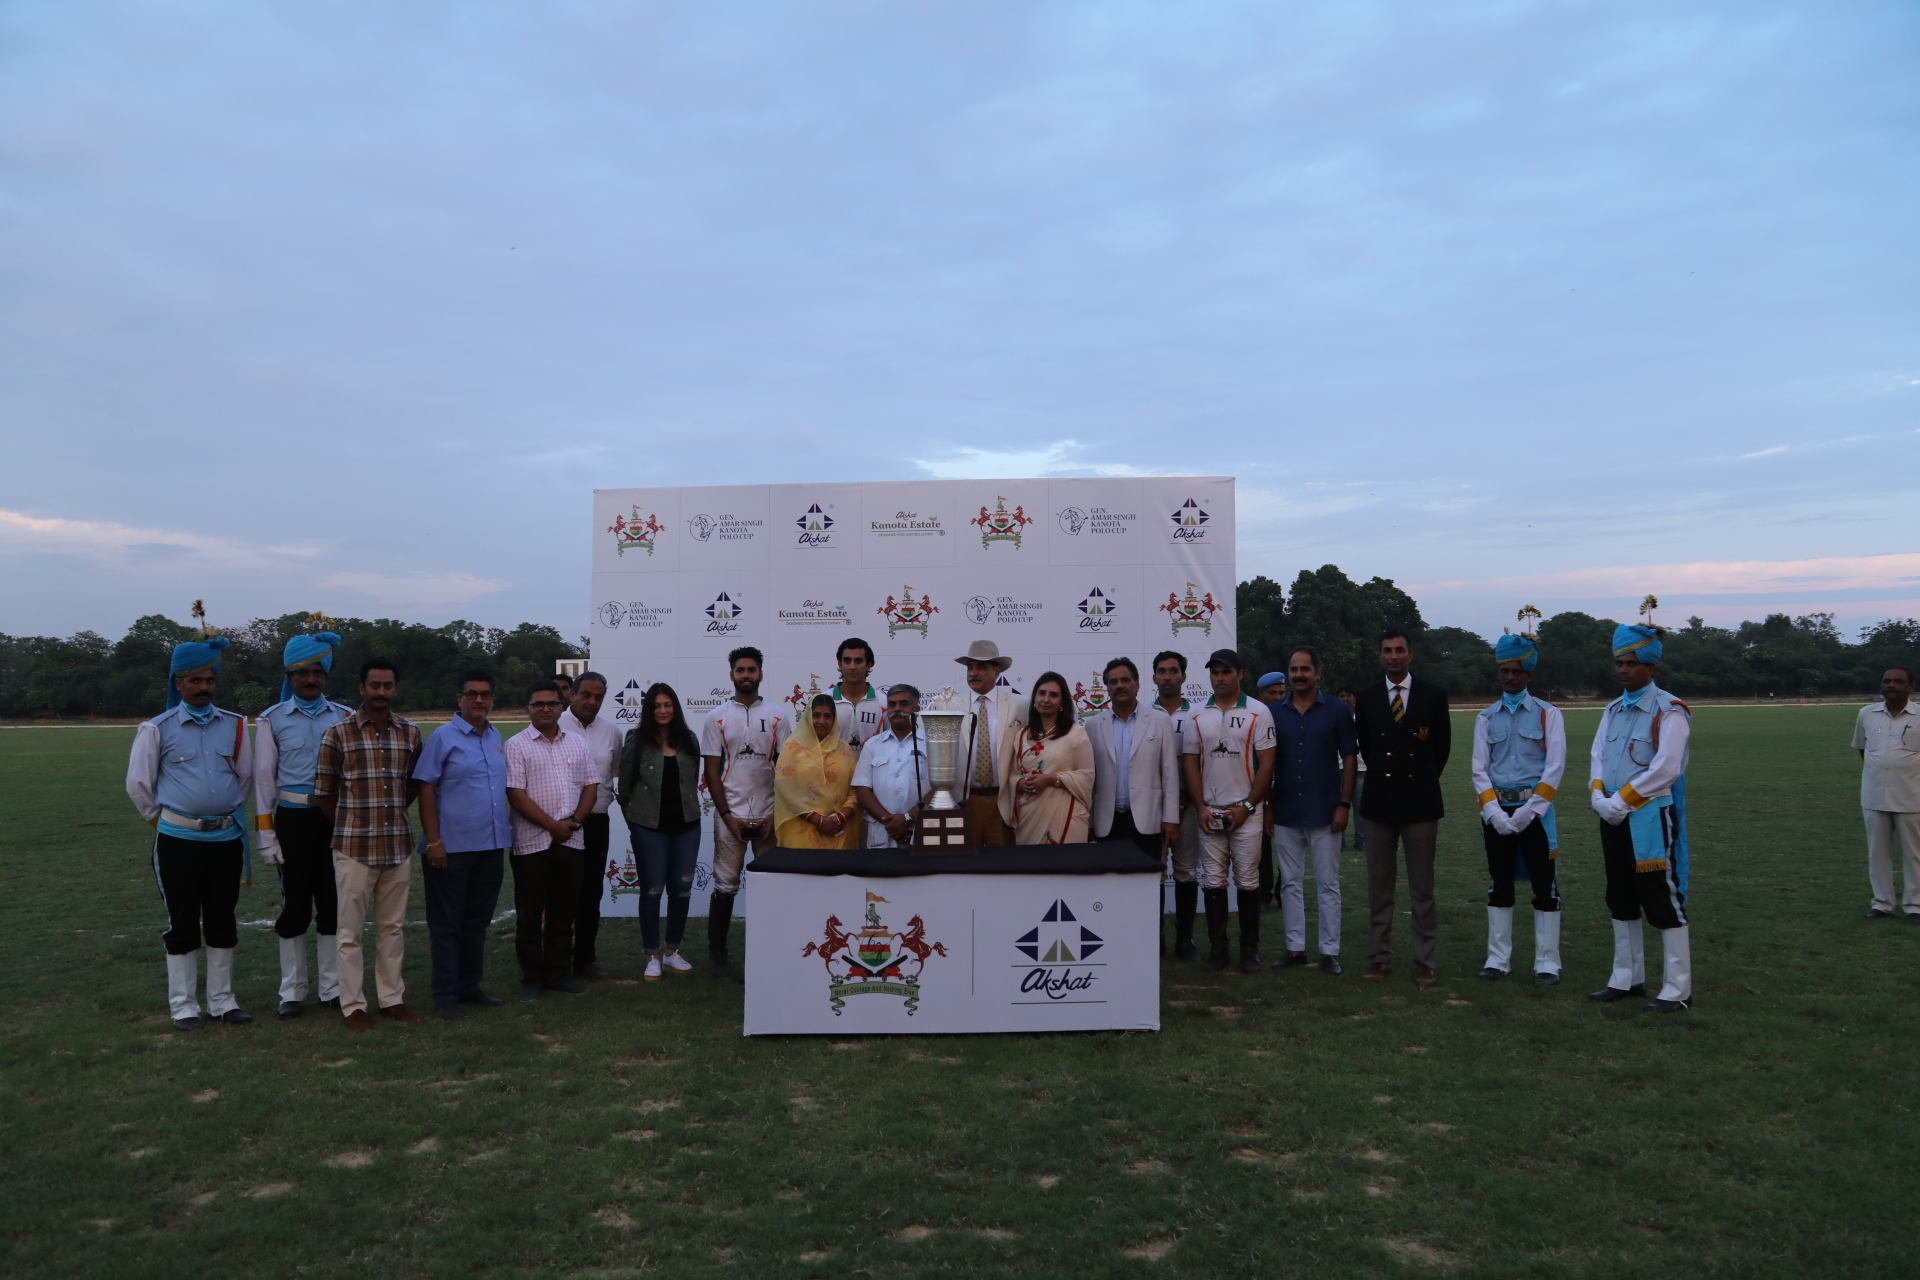 jaipur polo season 2019 la polo